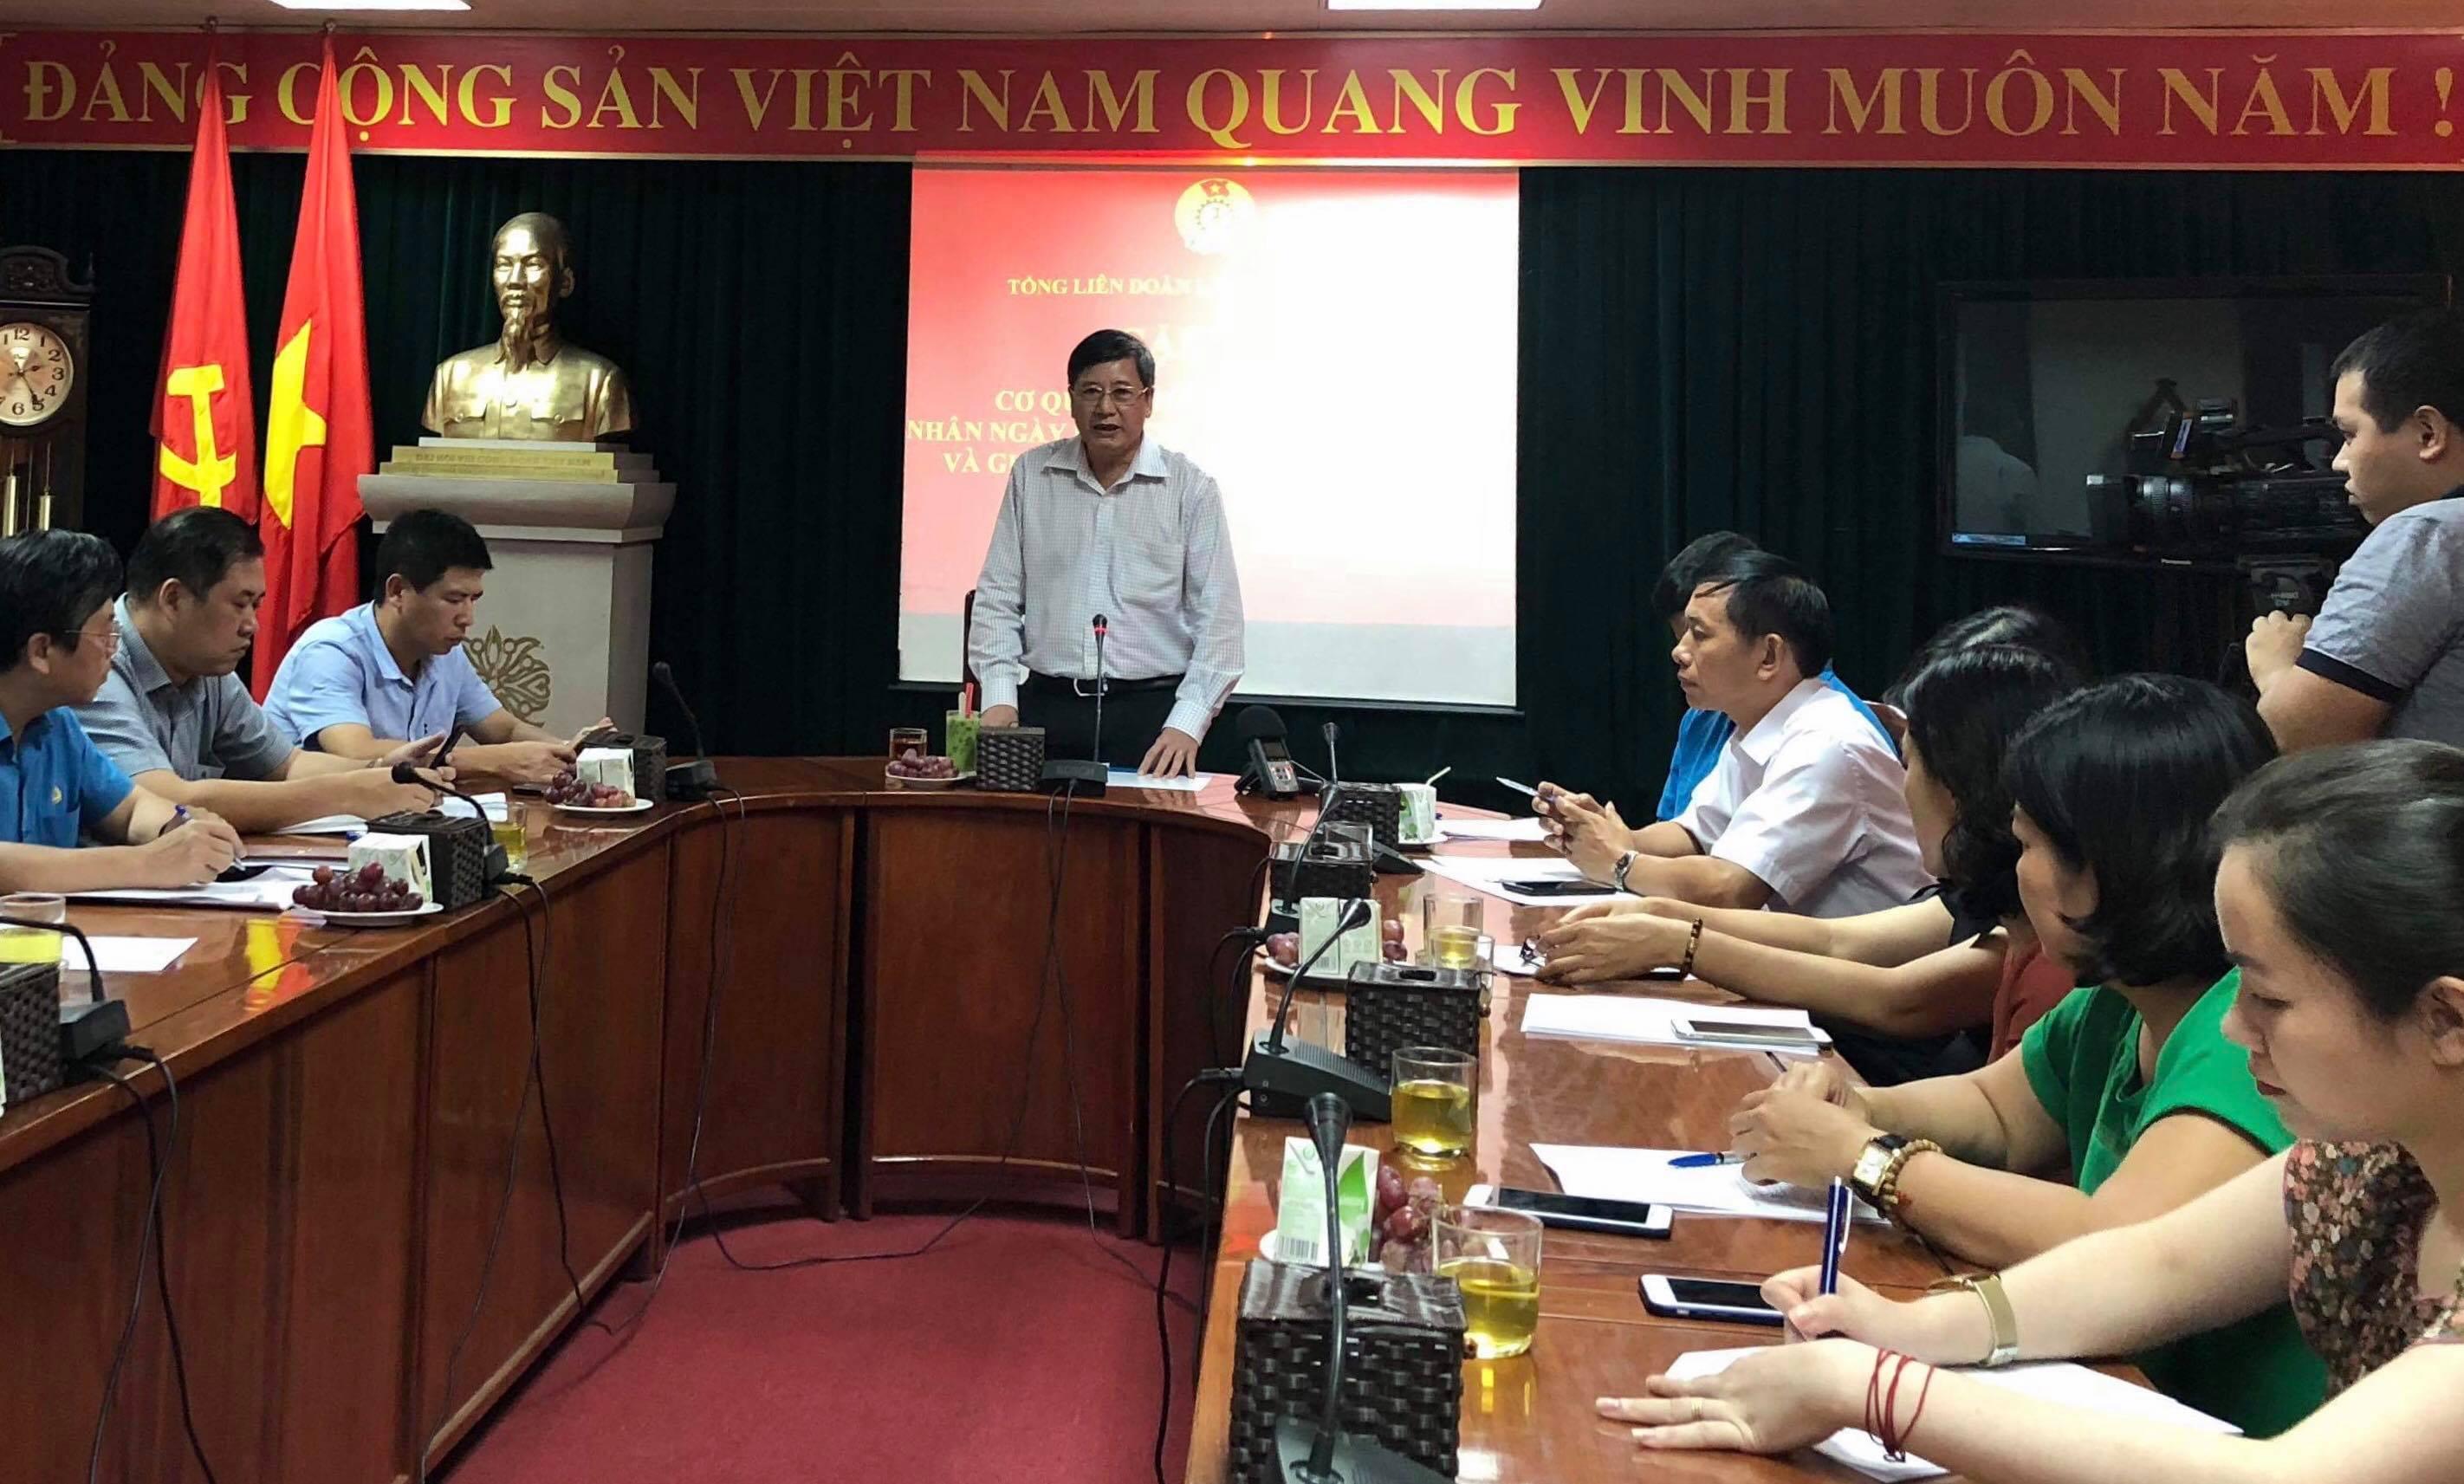 Đại hội XII Công đoàn Việt Nam dự kiến diễn ra vào cuối tháng 9/2018